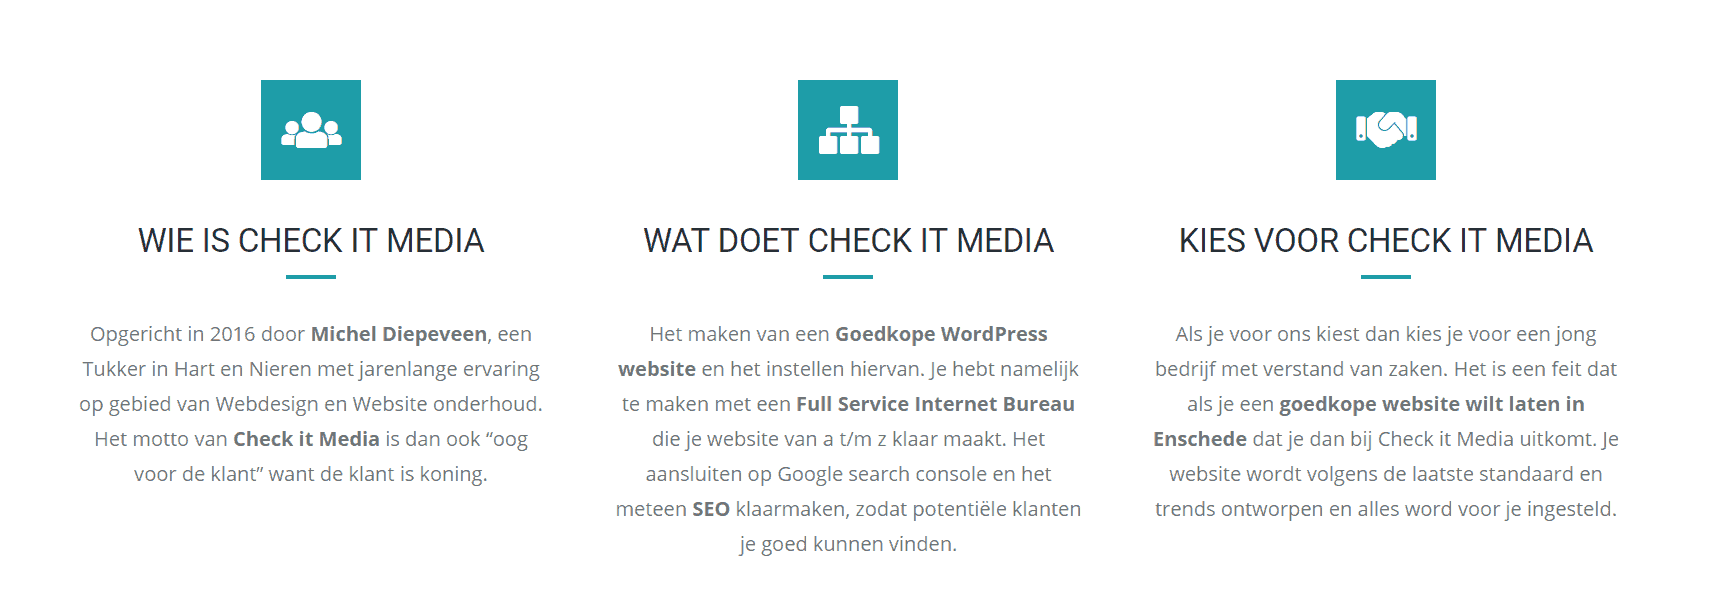 Blokken waarin vooral Check It Media centraal staat